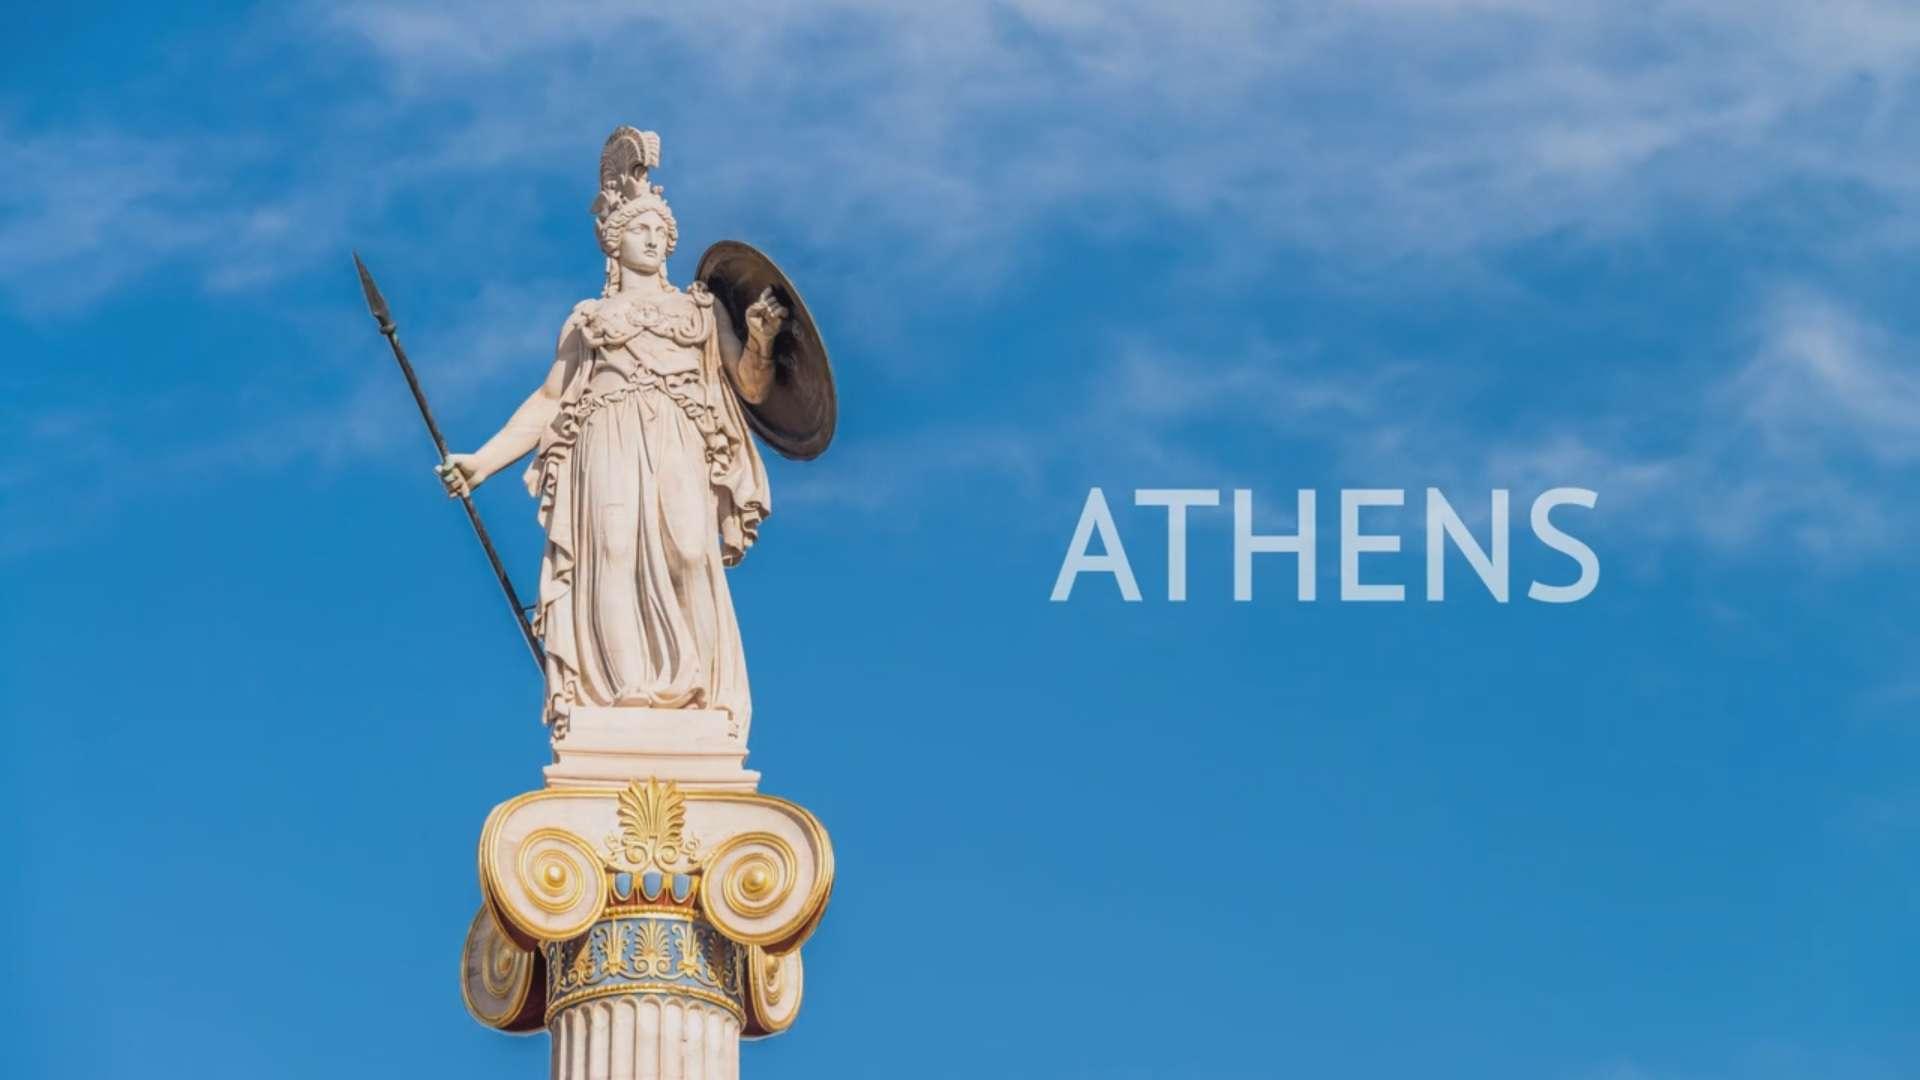 Οι αρχαιολογικοί χώροι της Αθήνας σε ένα ξεχωριστό βίντεο